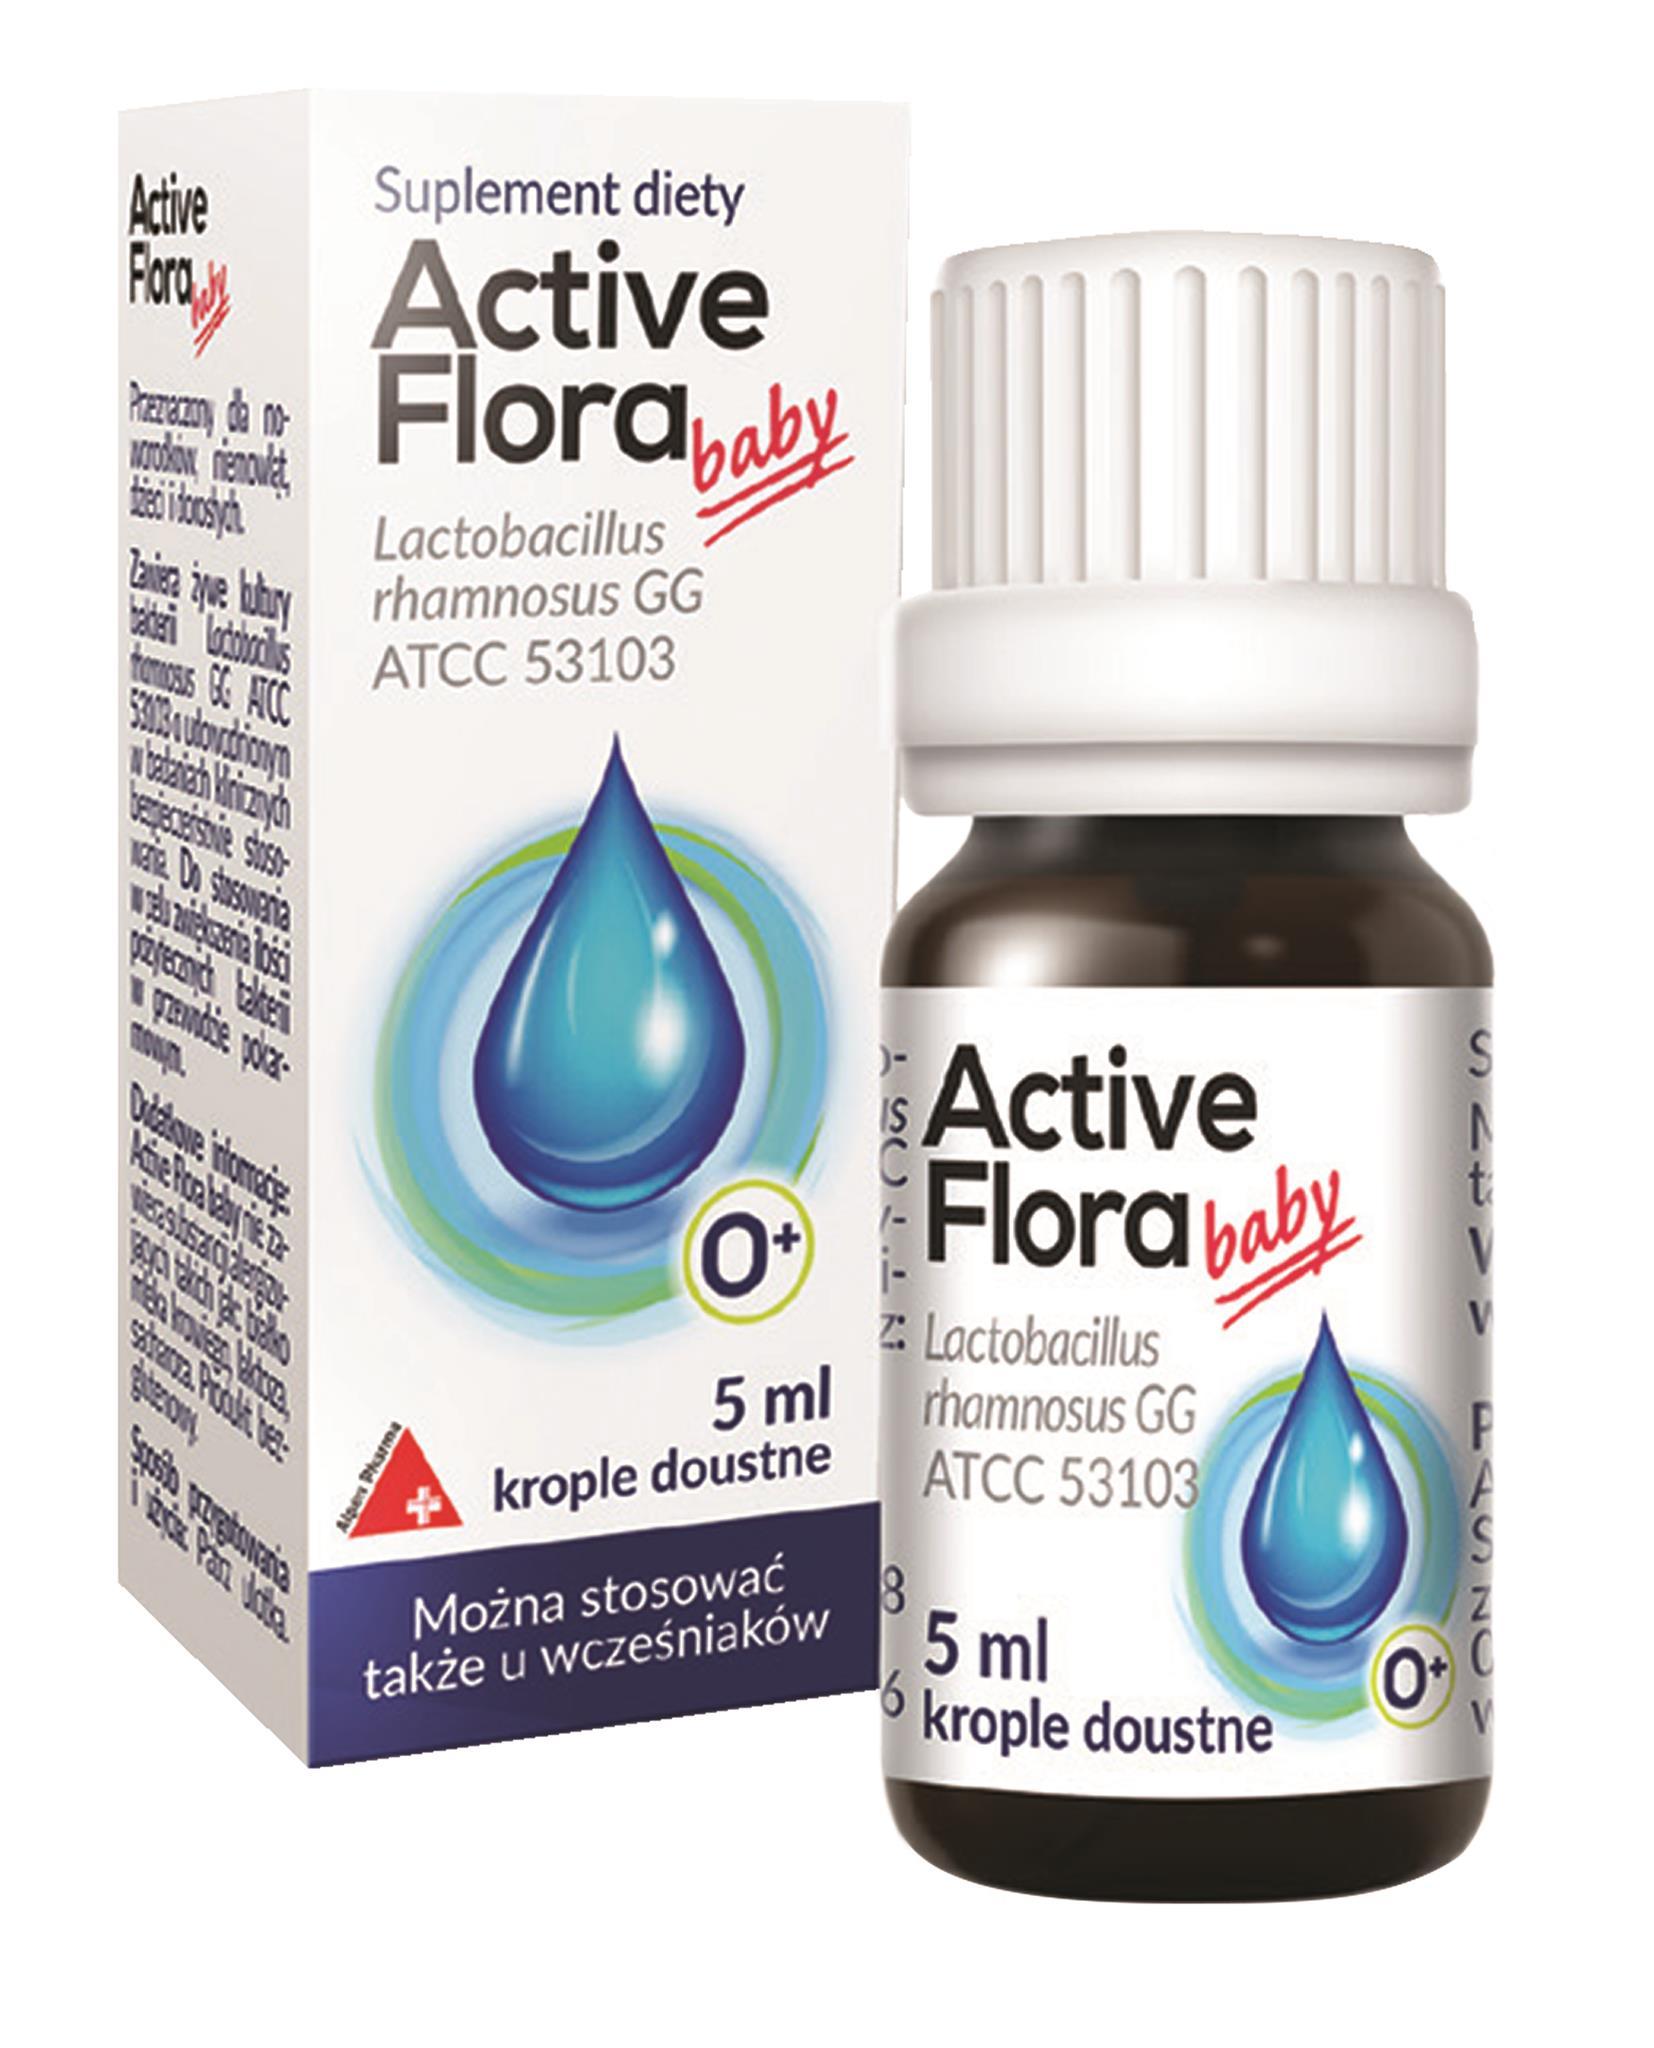 აქტივ ფლორა ბები / Active Flora Baby